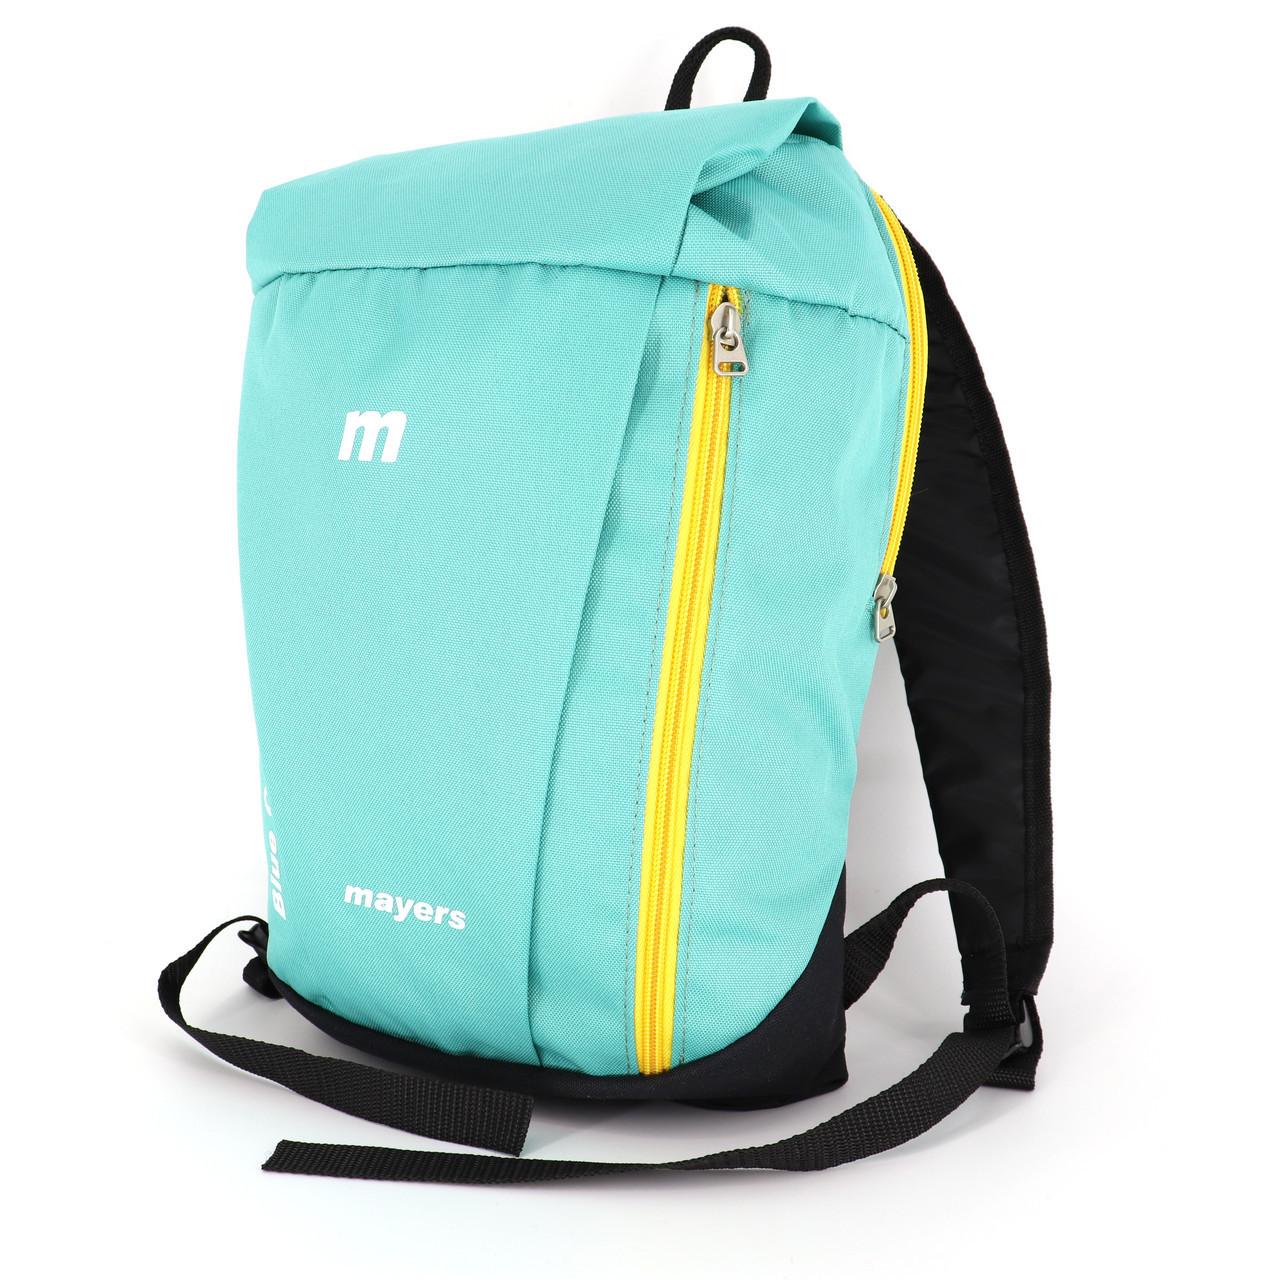 Маленький рюкзак дитячий повсякденного призначення, бірюзовий (жовта блискавка)